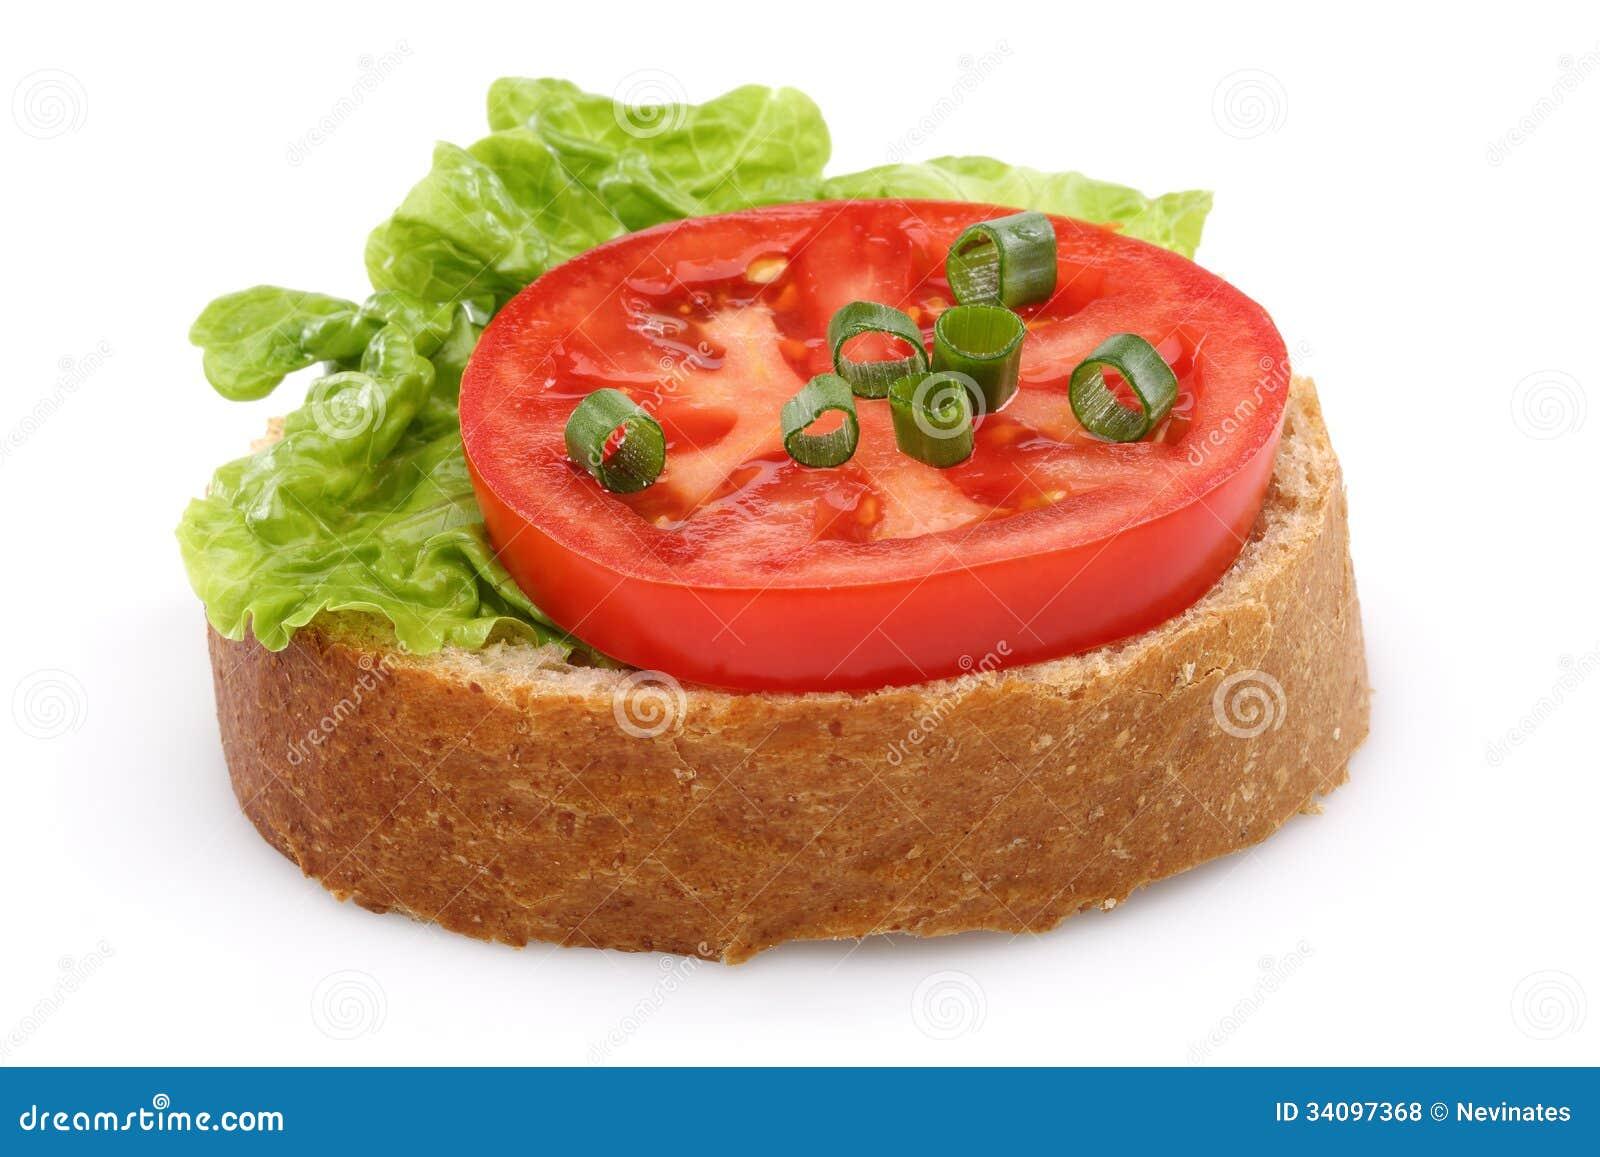 Pomodoro e una fetta di pane integrale